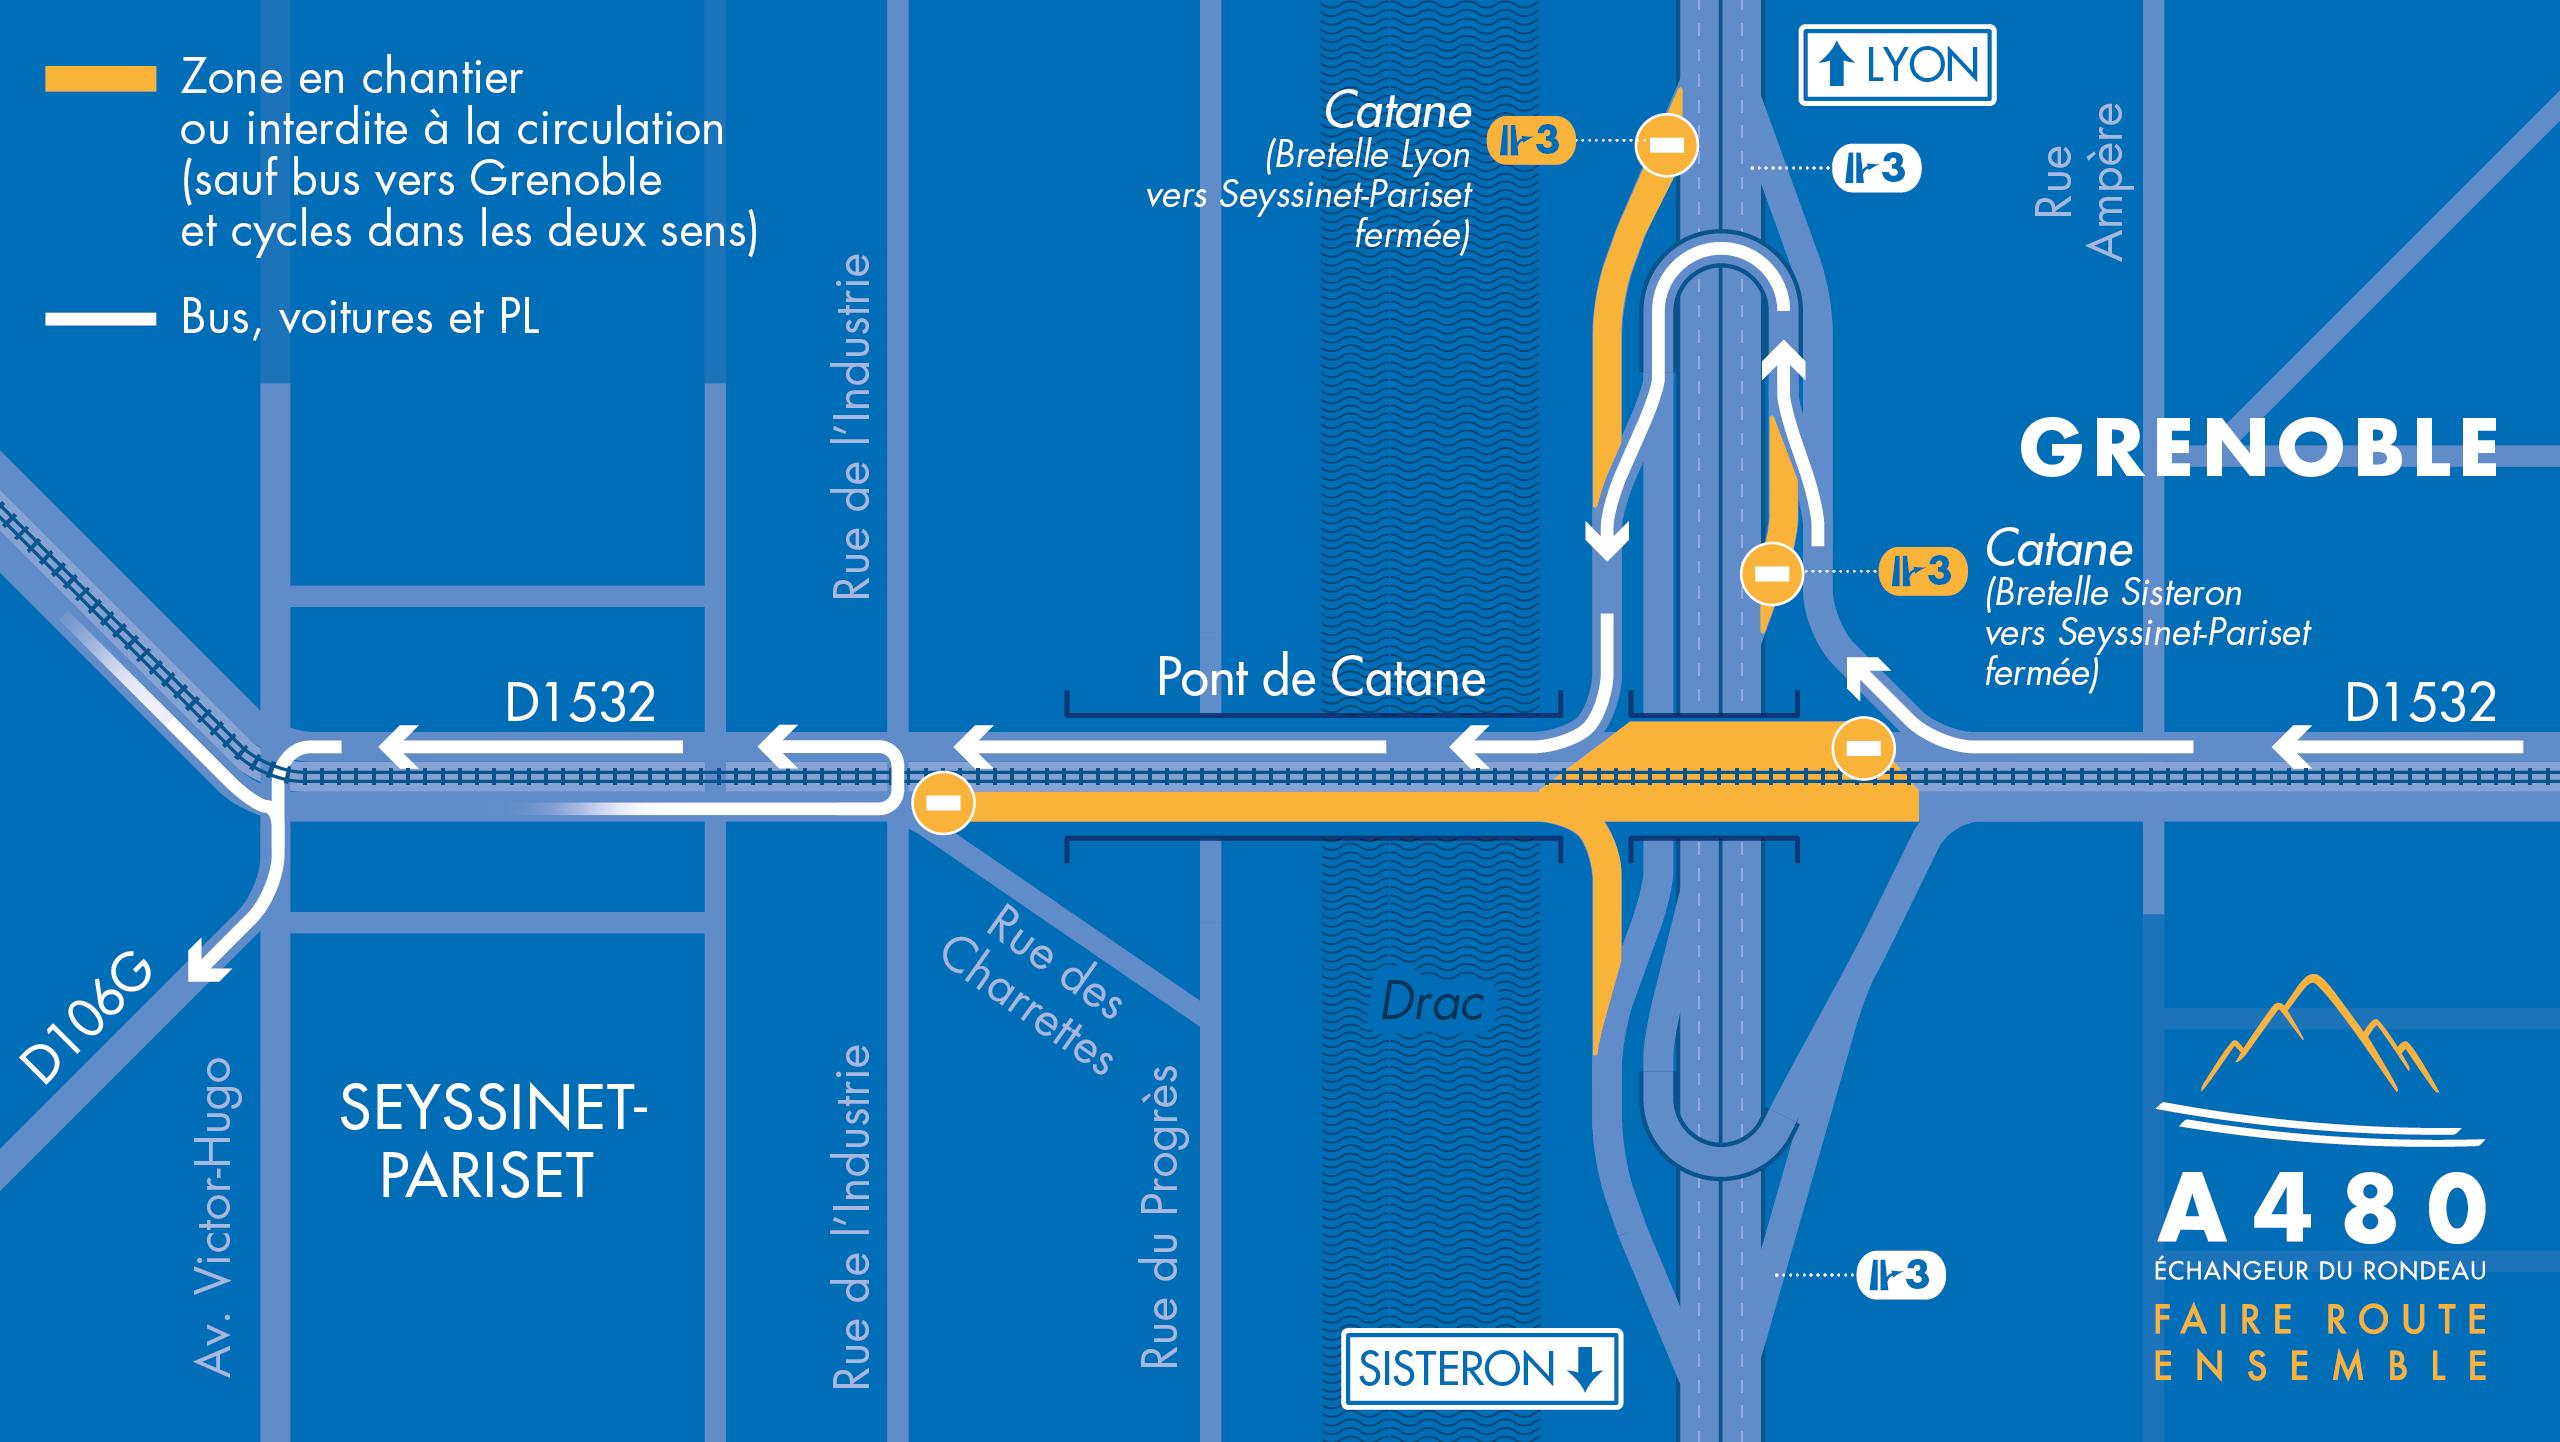 carte des déviations pour les véhicules légers depuis Grenoble vers Seyssinet-Pariset, à partir du 1er septembre